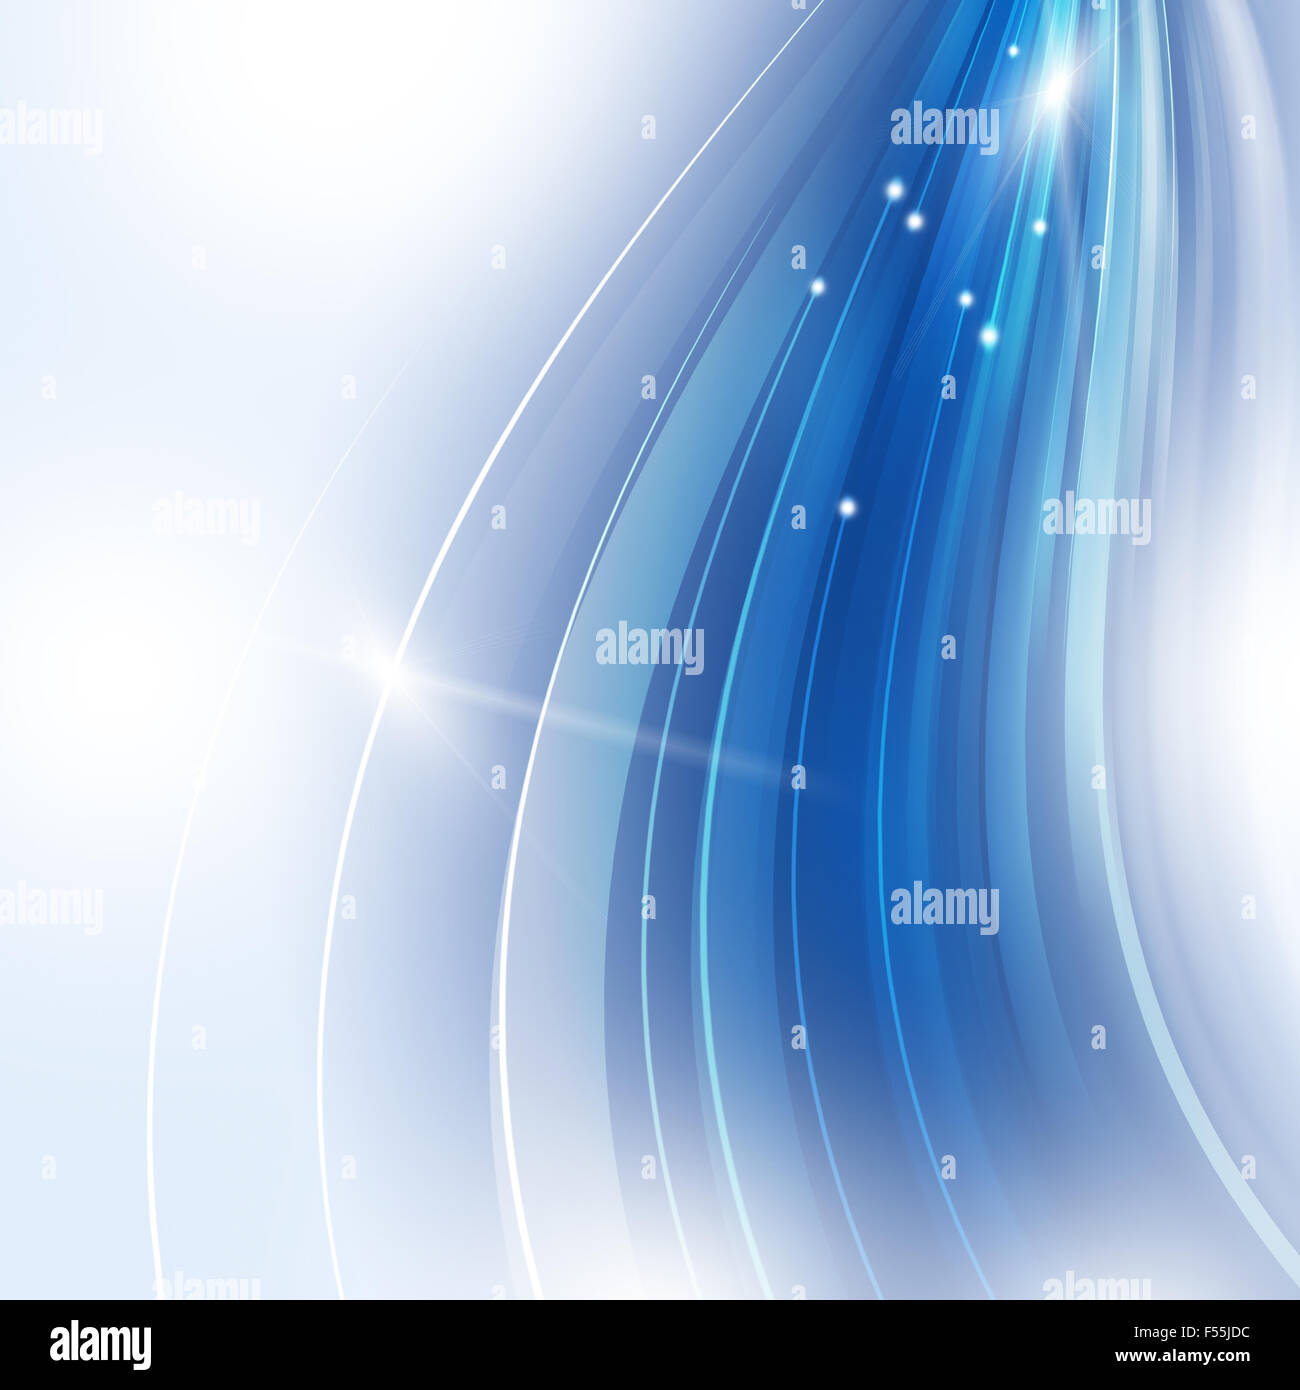 abstrakte Bewegungsunschärfe Grafik-Technologie-blauen Hintergrund Stockbild